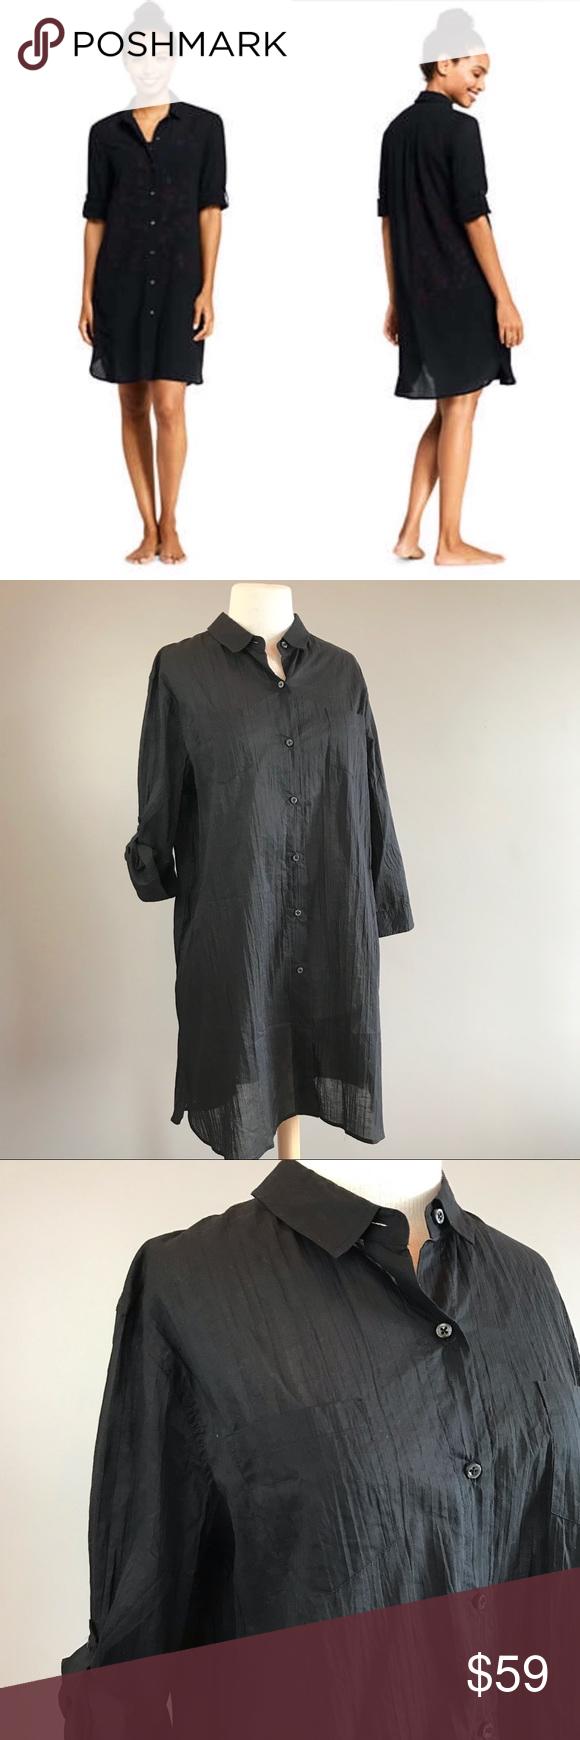 408170fc5fab9 Lands End NEW crinkle black shirt dress cover up Lands End womens crinkle  cotton black shirt